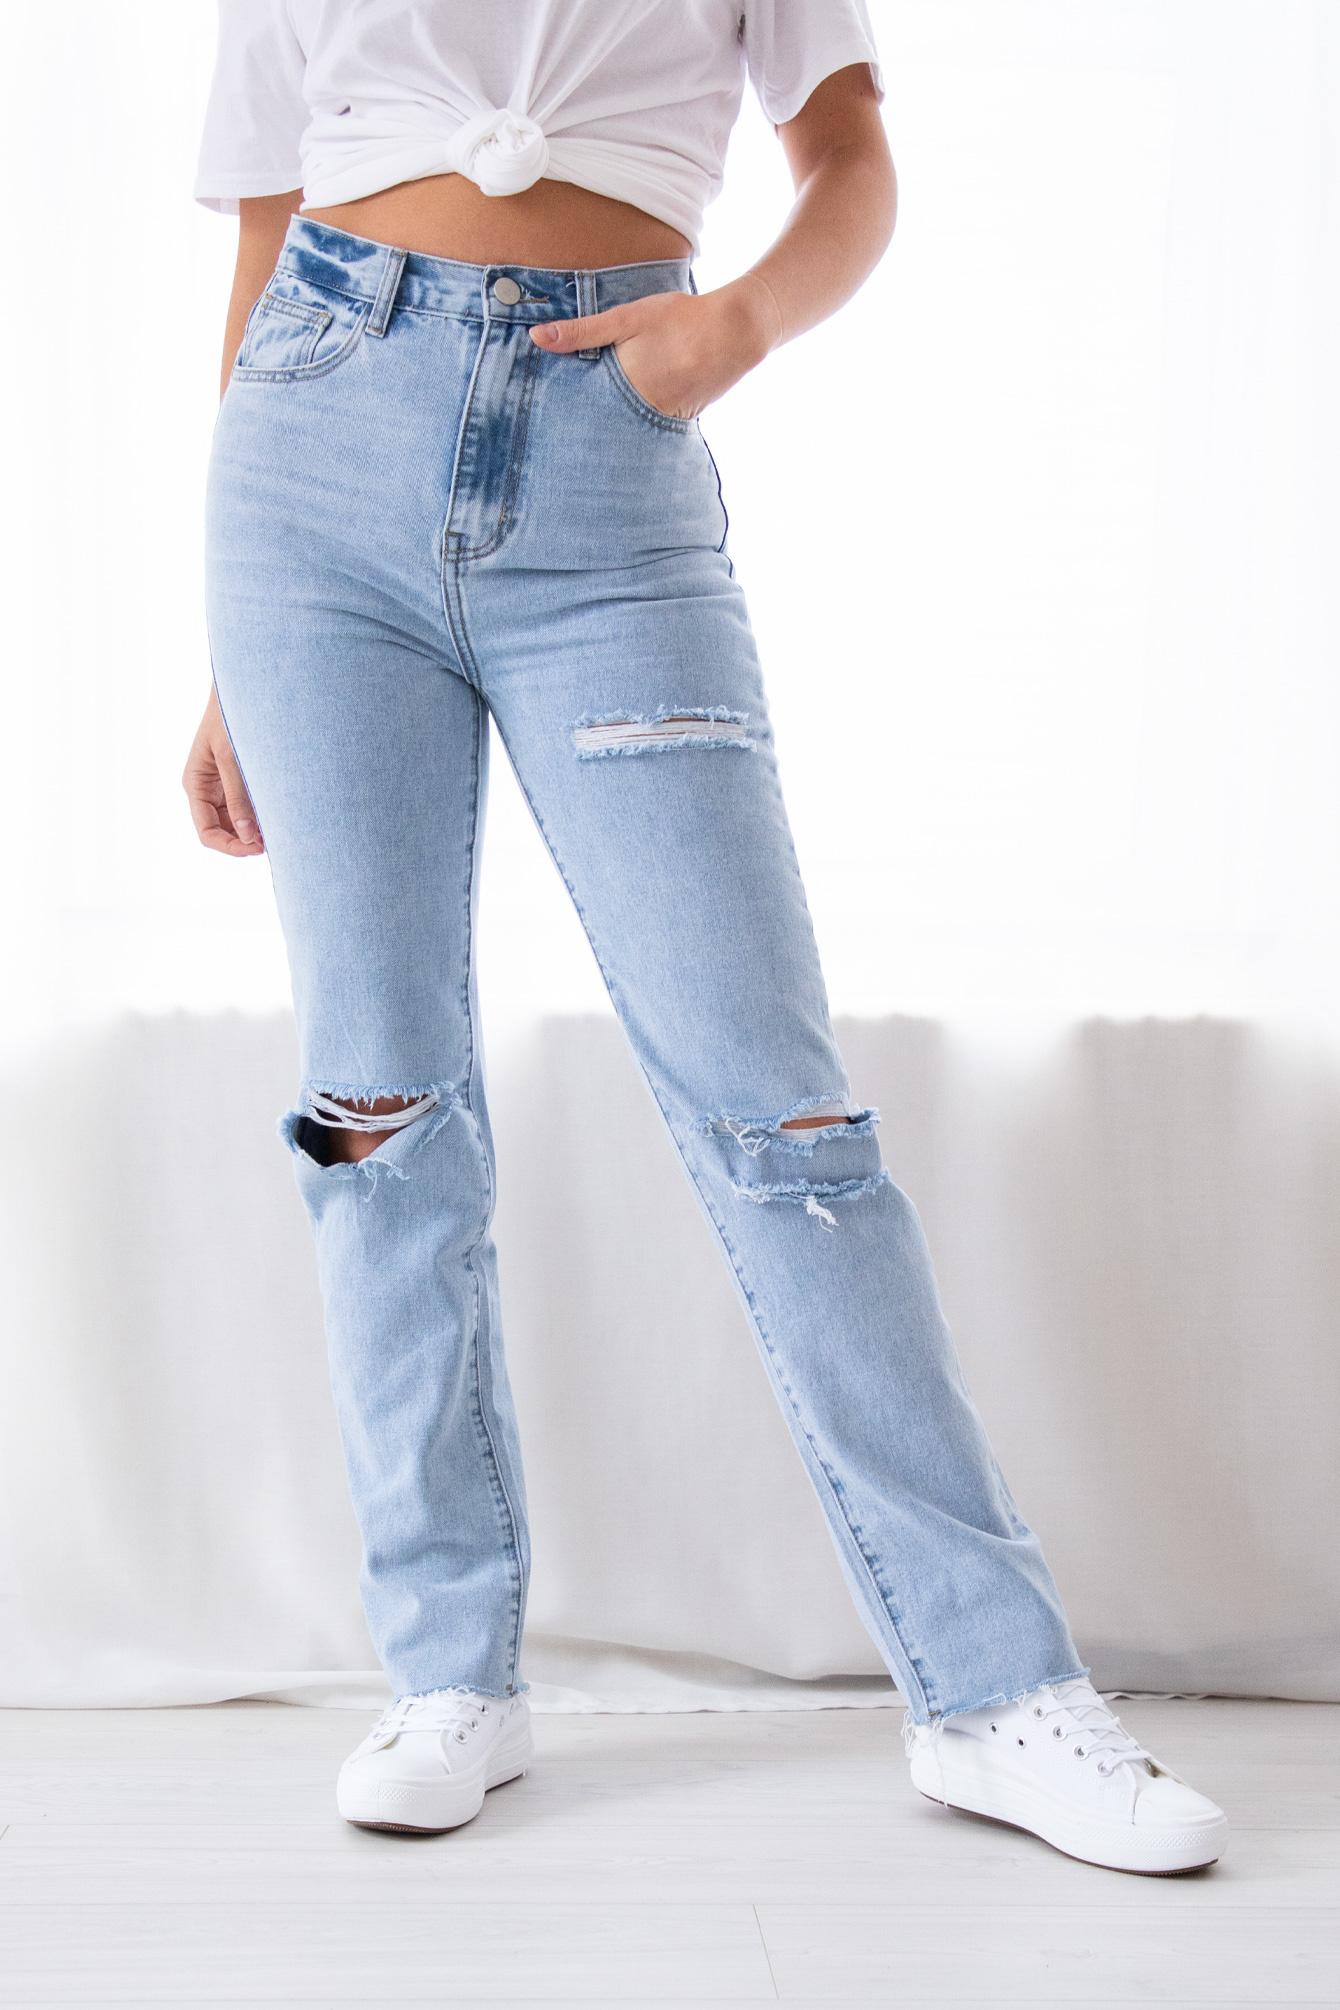 Cut out jeans Lotte